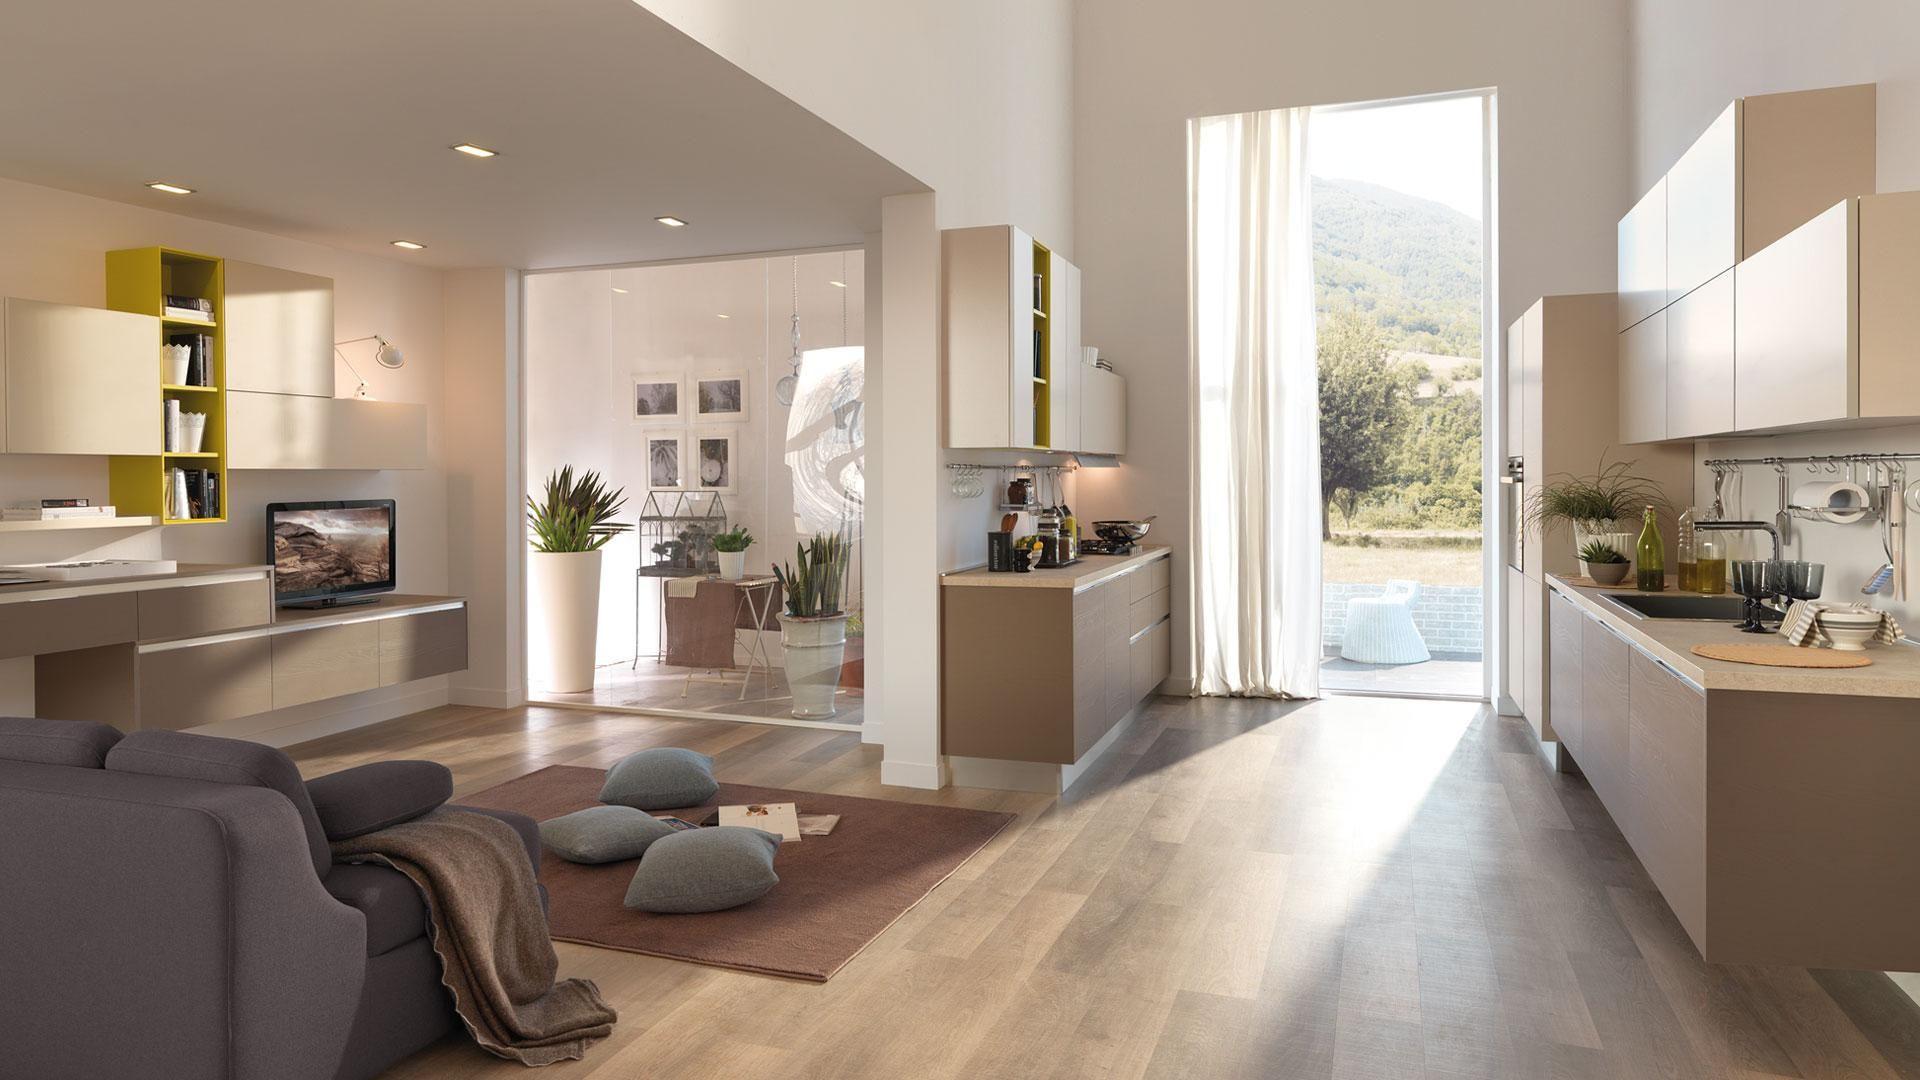 Cucine Lube Cucine moderne, Arredamento casa, Idee per